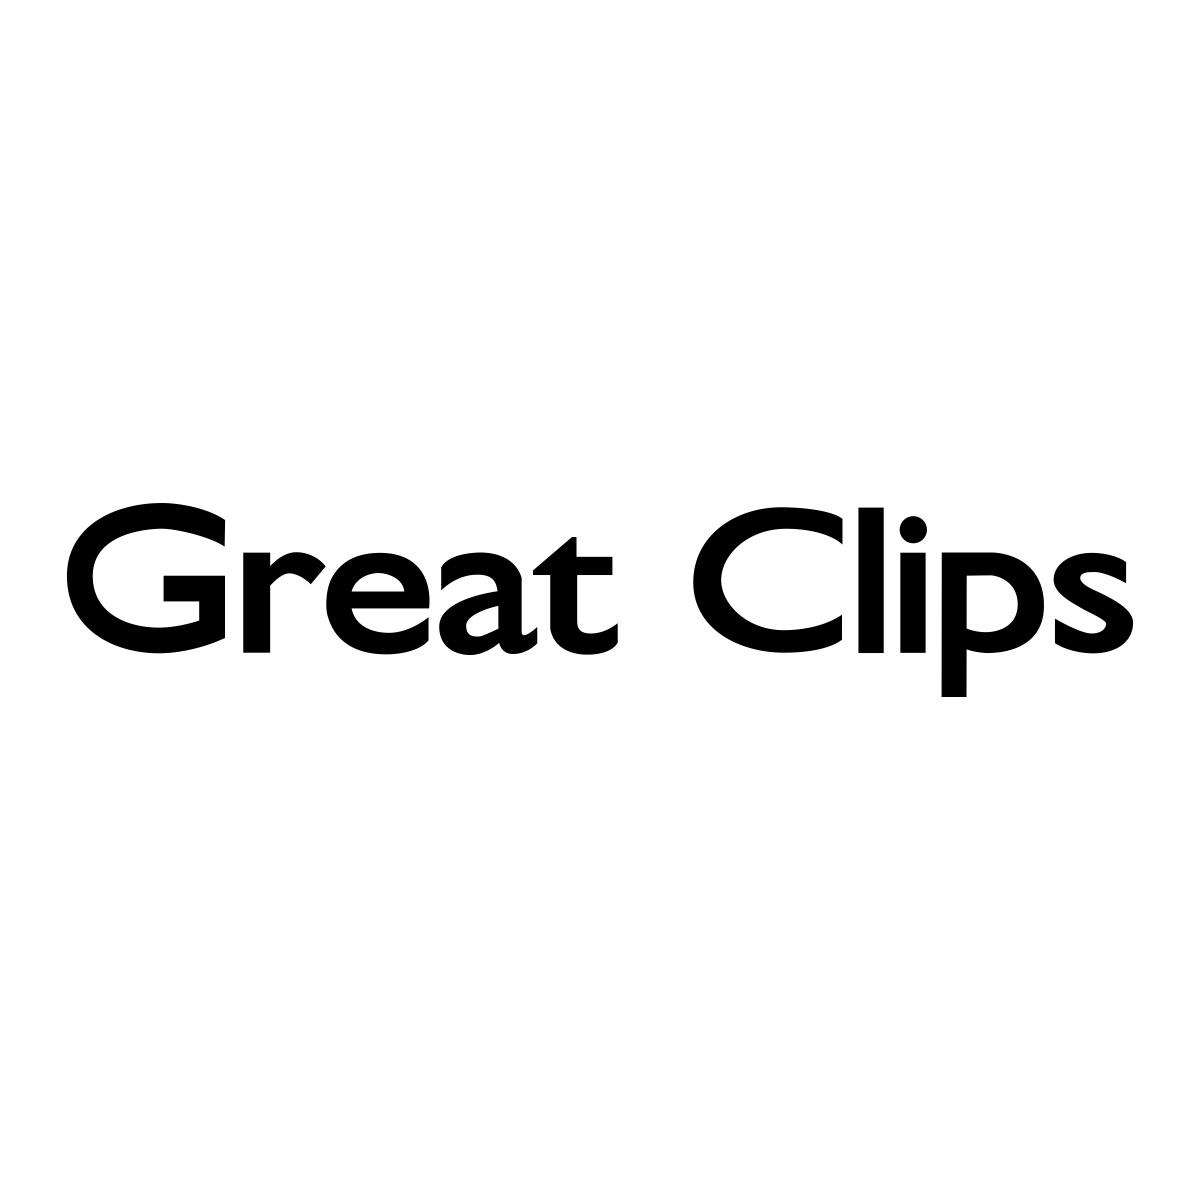 https://promotionplusinc.com/wp-content/uploads/2019/04/Great-Clips.jpg